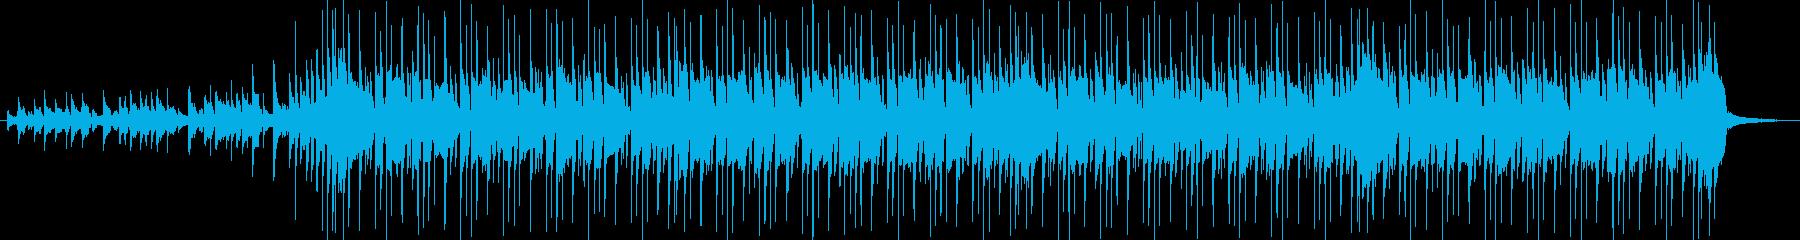 チャイニーズポップ 企業イメージ ...の再生済みの波形